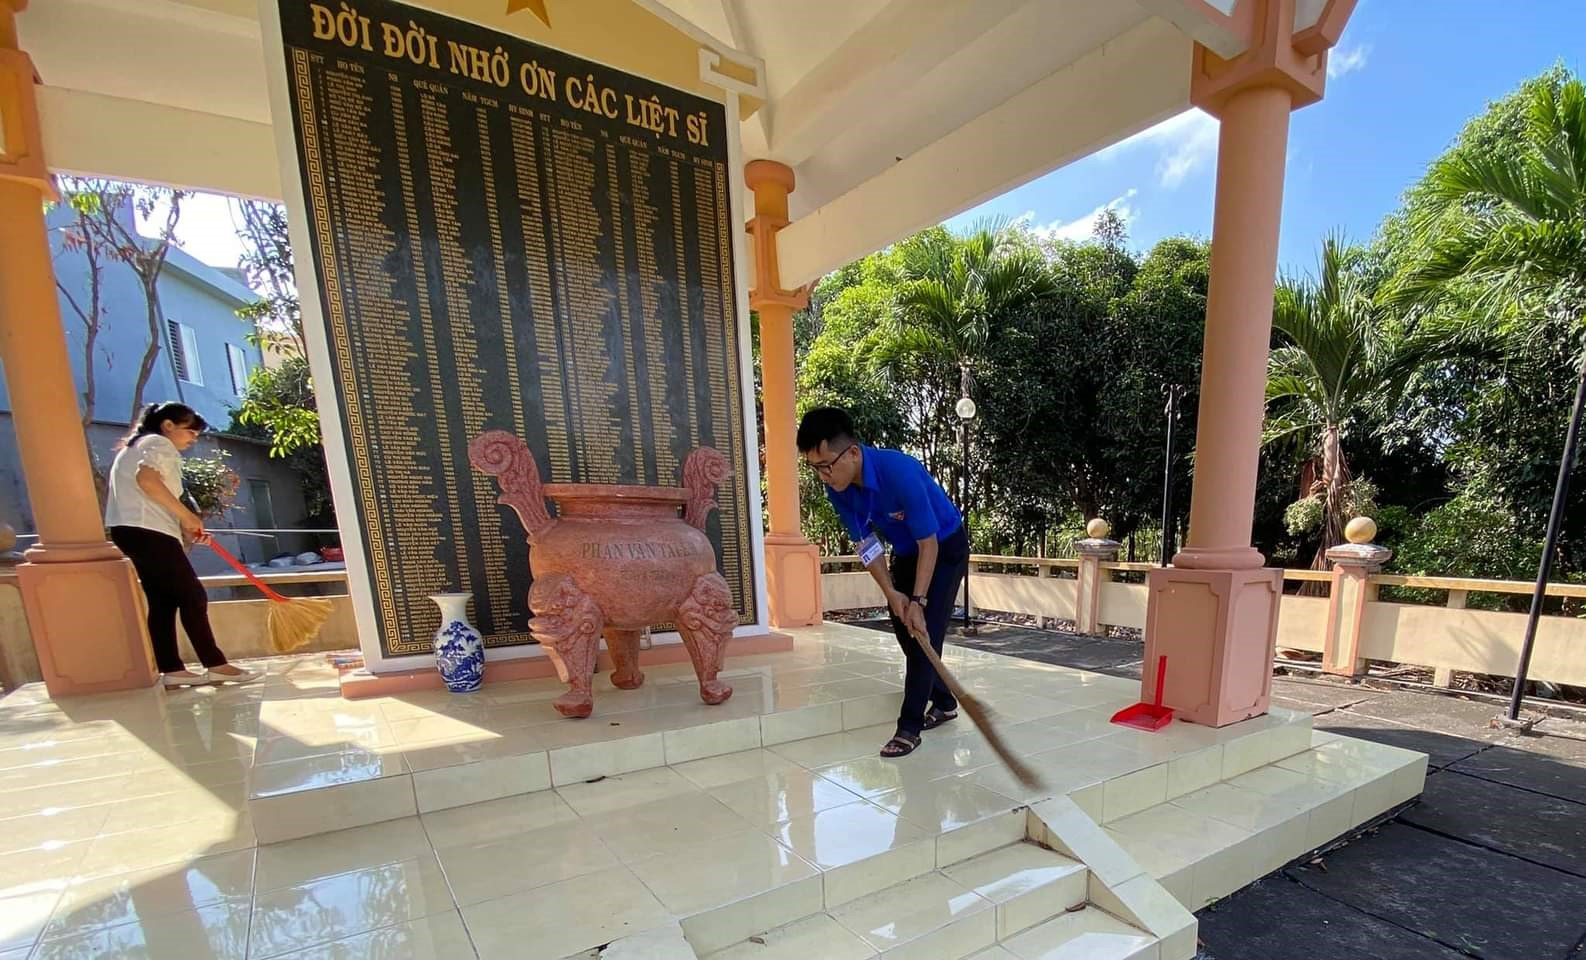 Đoàn viên tham gia các công trình, phần việc bày tỏ lòng biết ơn sâu sắc các anh hùng liệt sĩ đã hy sinh vì nước qua các thời kỳ